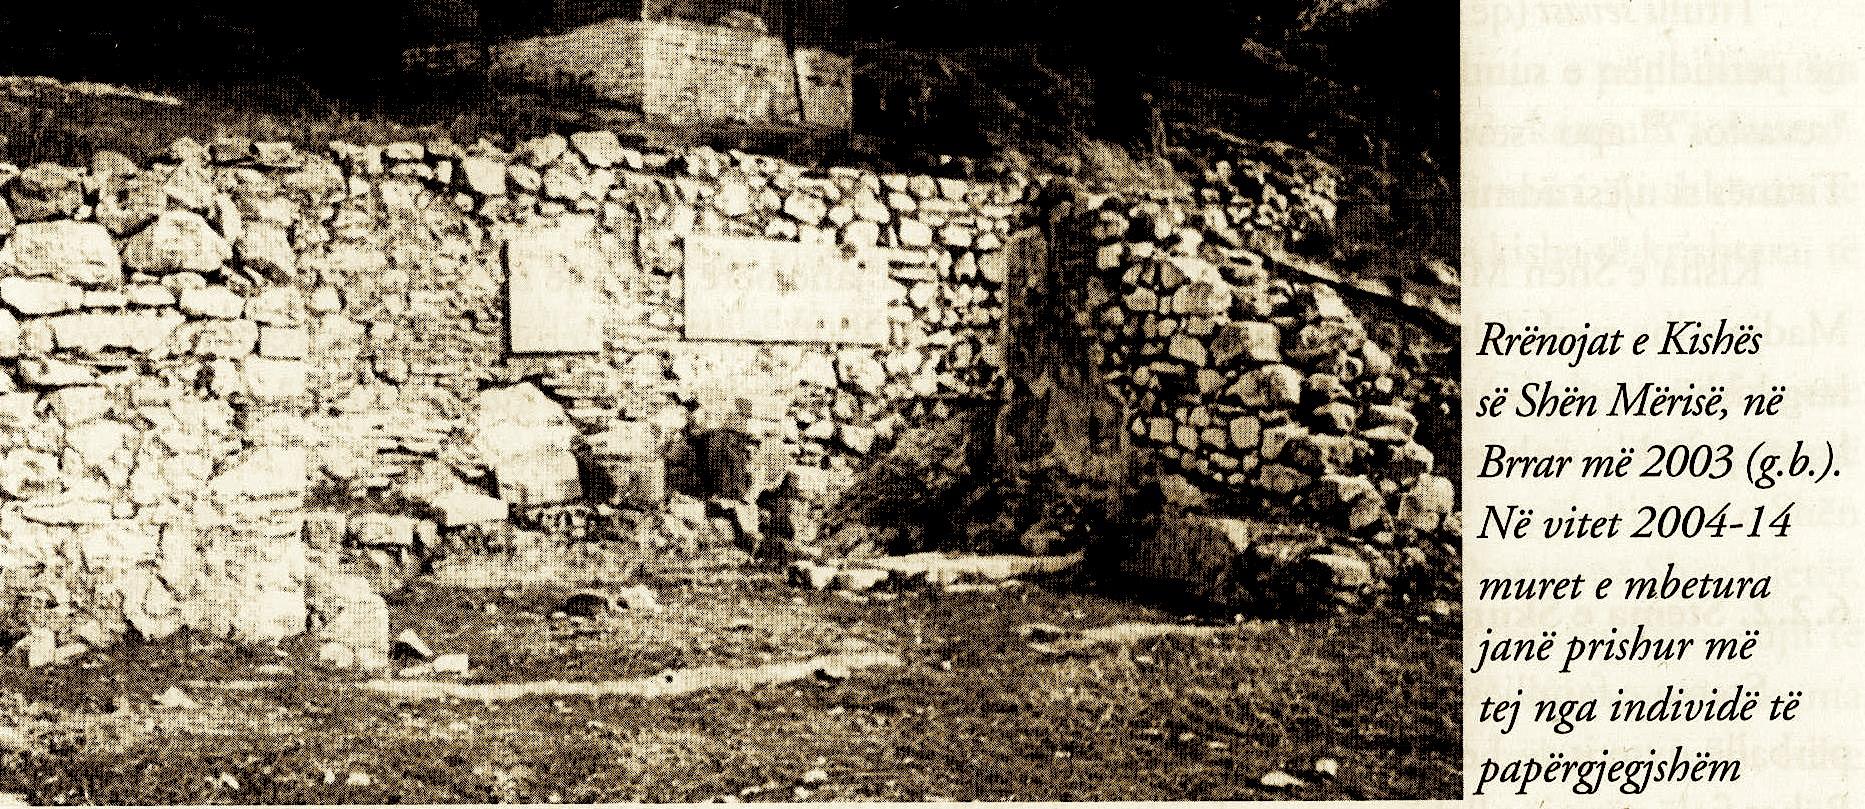 Rrënojat e kishës së Shën Mërisë në Brar 2003 (g.b)